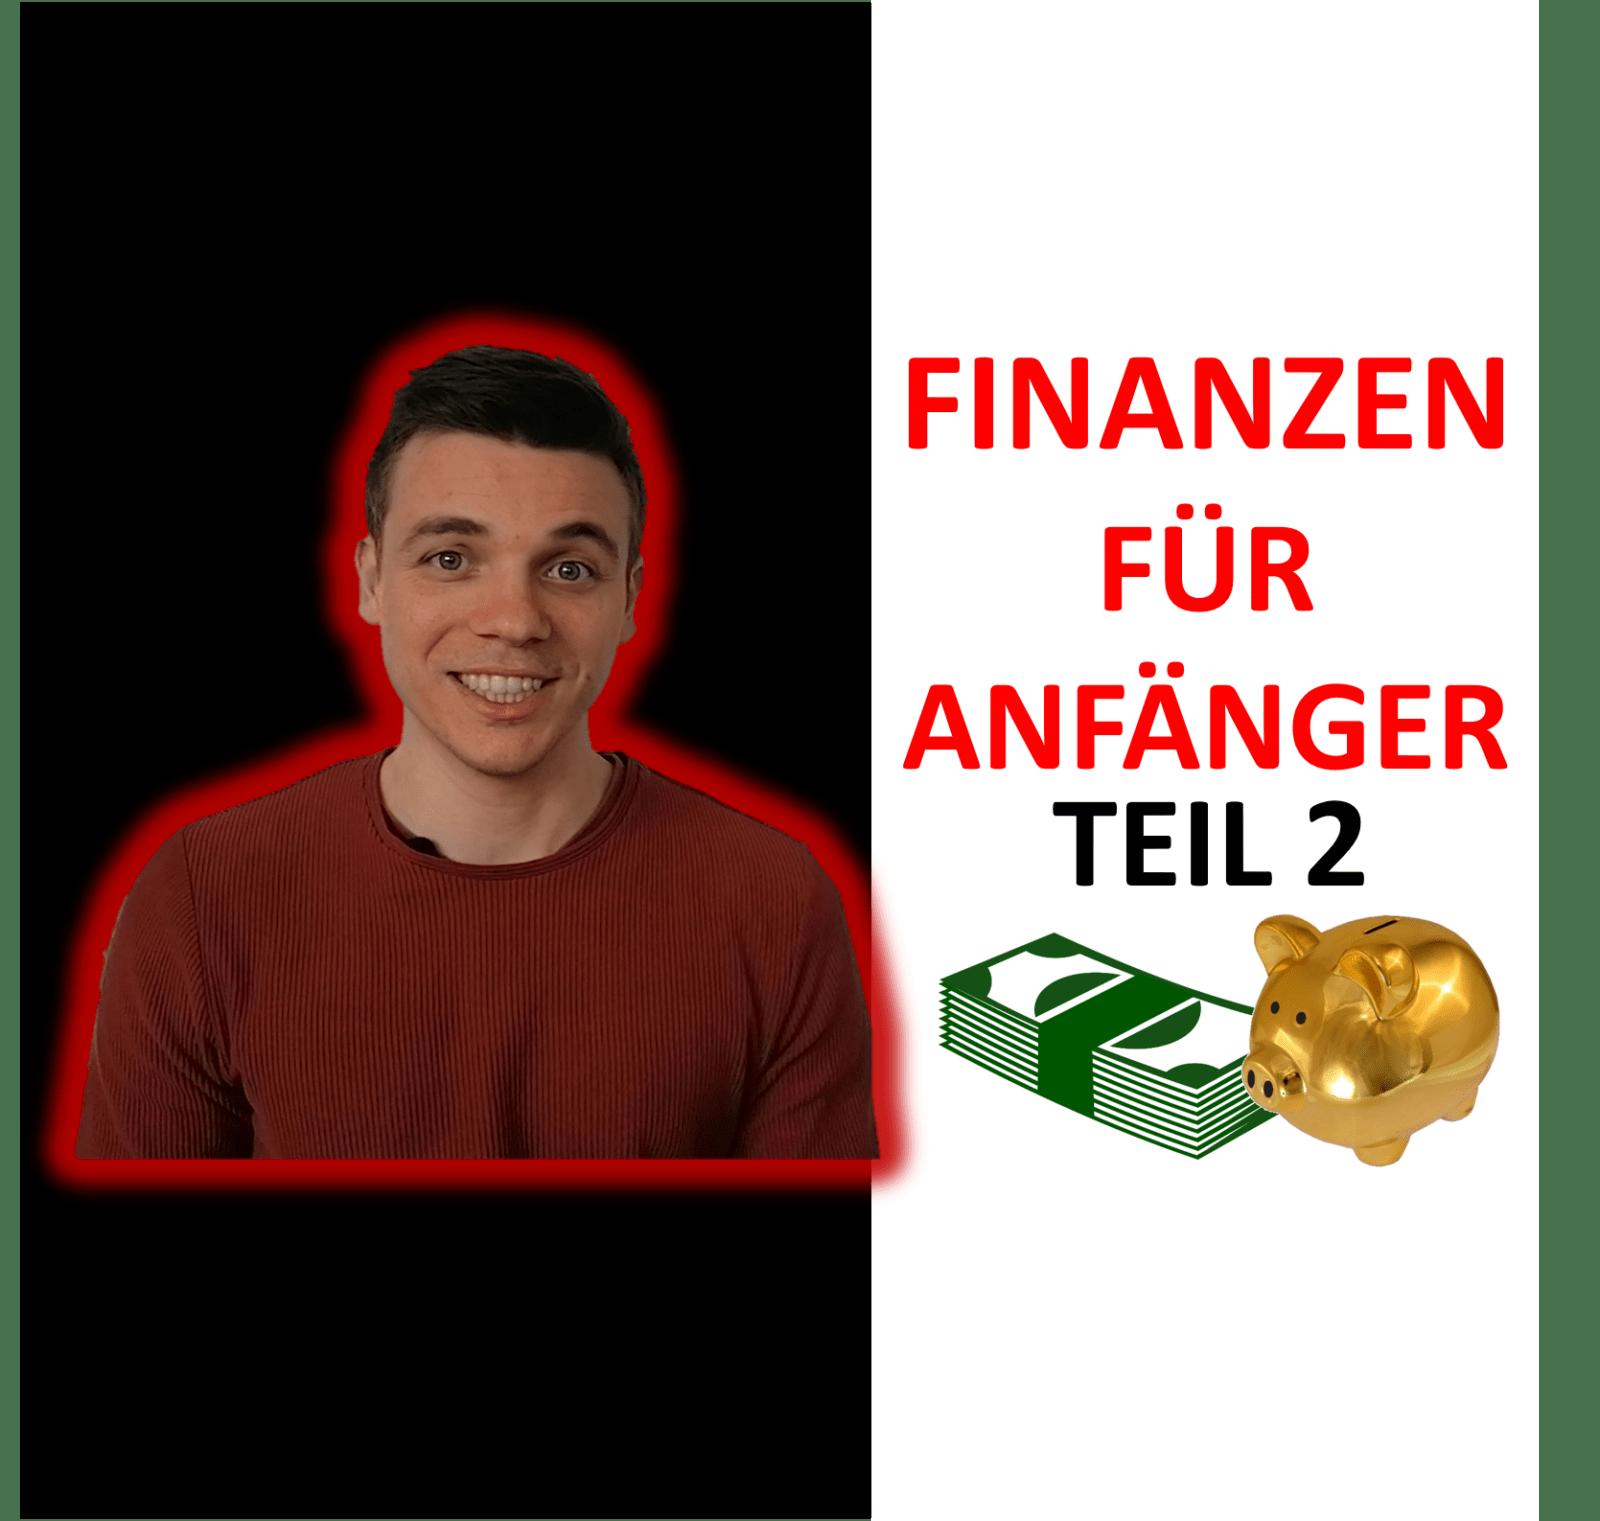 You are currently viewing FINANZEN FÜR ANFÄNGER: Mit 10 Schritten zum finanziellen Erfolg (Teil 2)